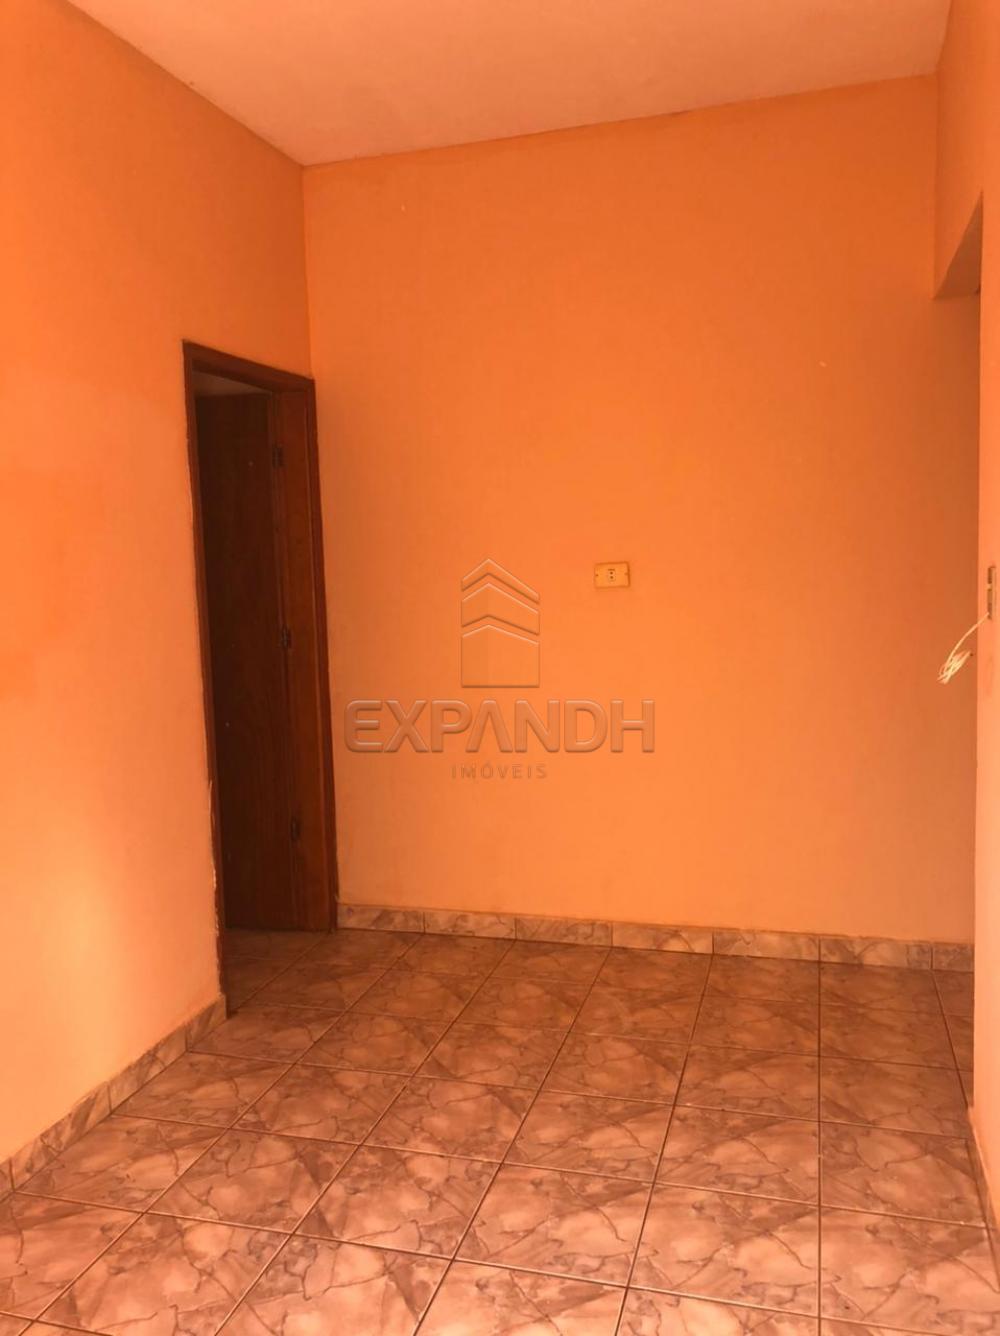 Alugar Casas / Padrão em Sertãozinho R$ 600,00 - Foto 5